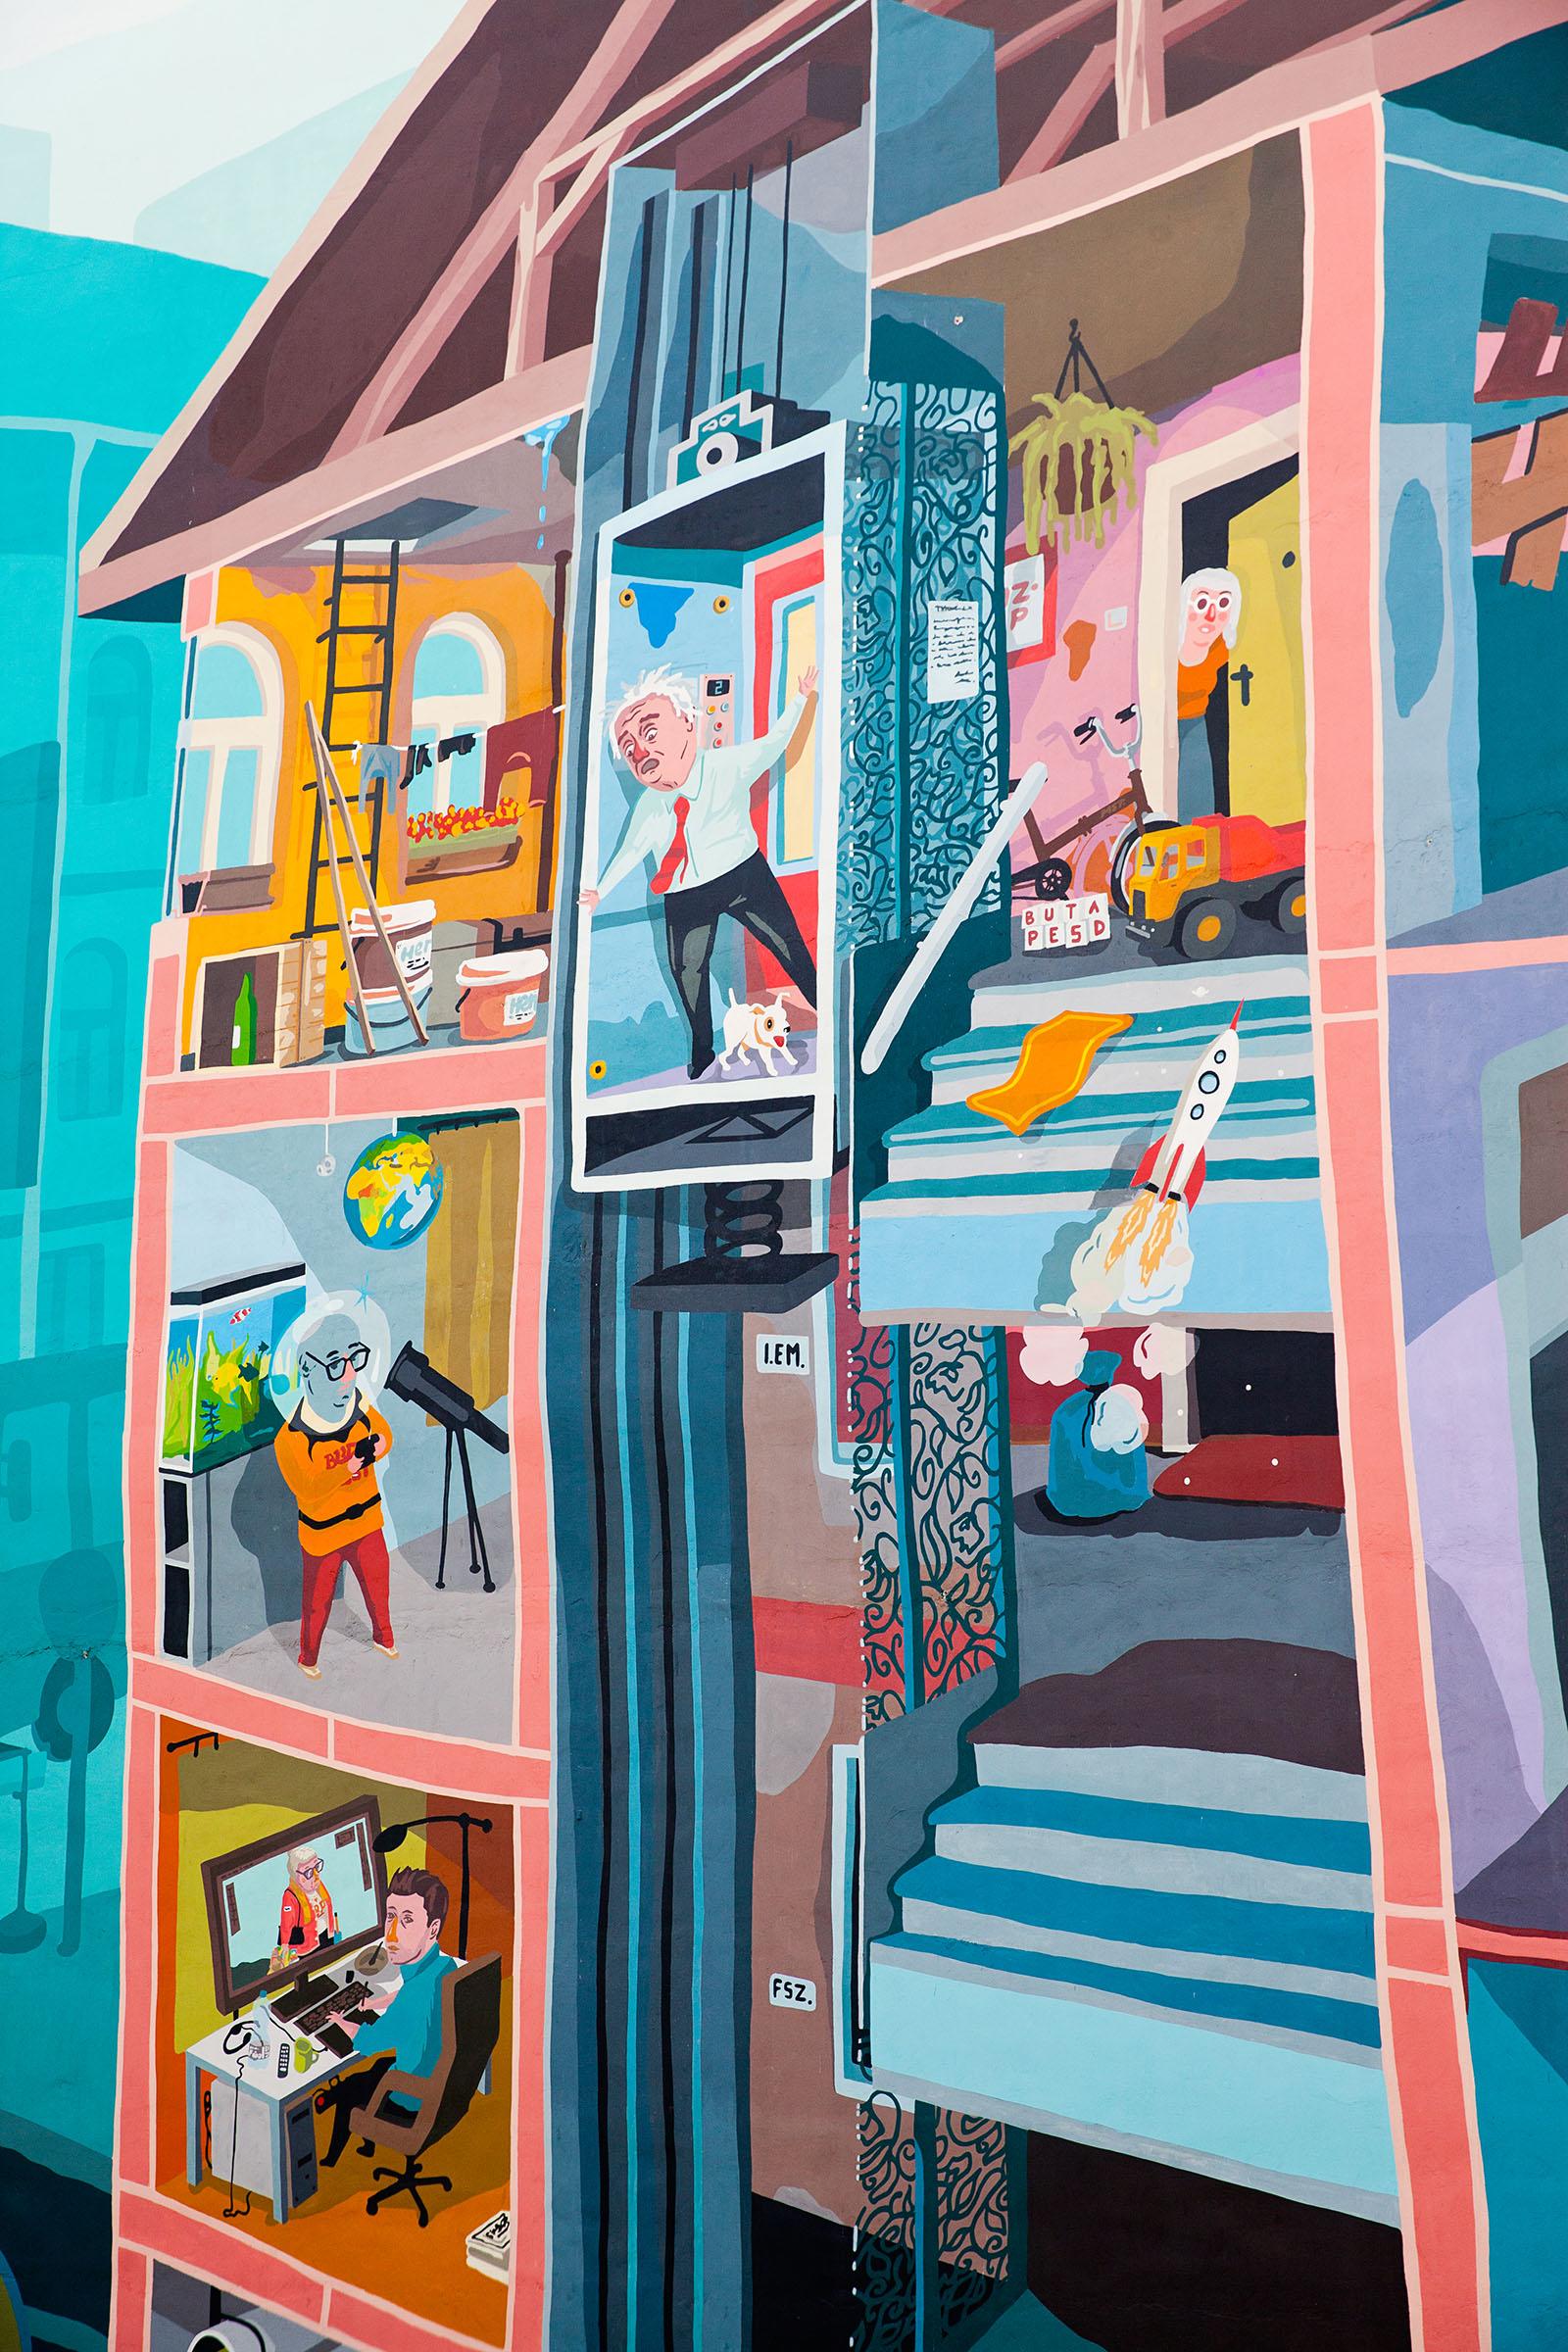 neopaint works - tűzfalfestés - falfestmény - dekorációs festés - graffiti (12)